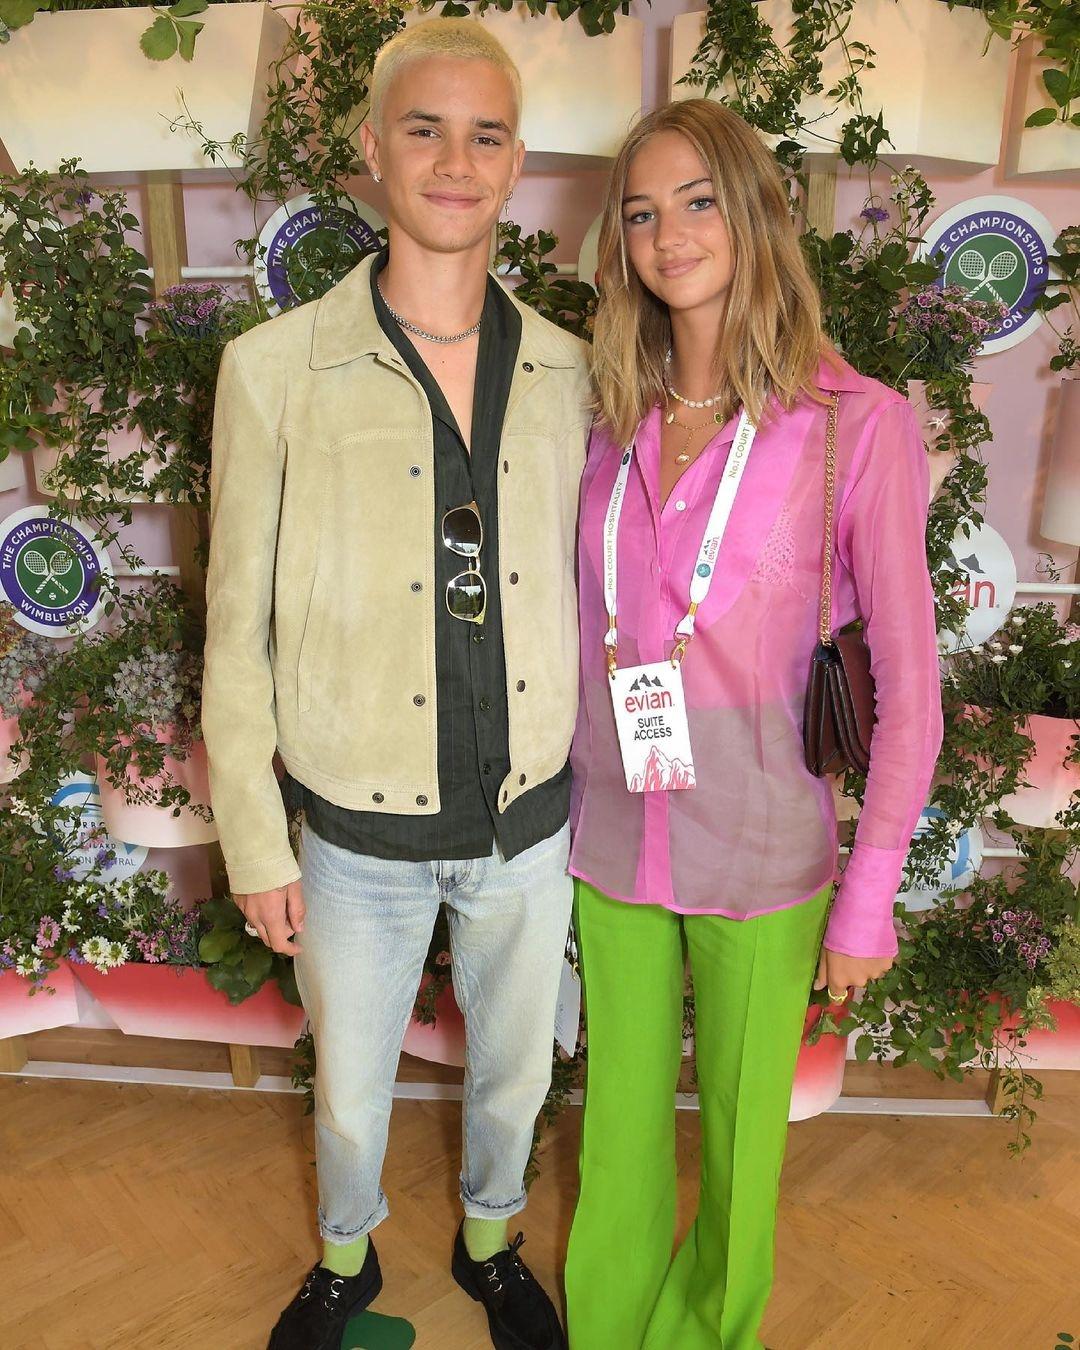 Все серьезно: Ромео Бекхэм впервые вышел в свет вместе со своей девушкой (ФОТО) - фото №1